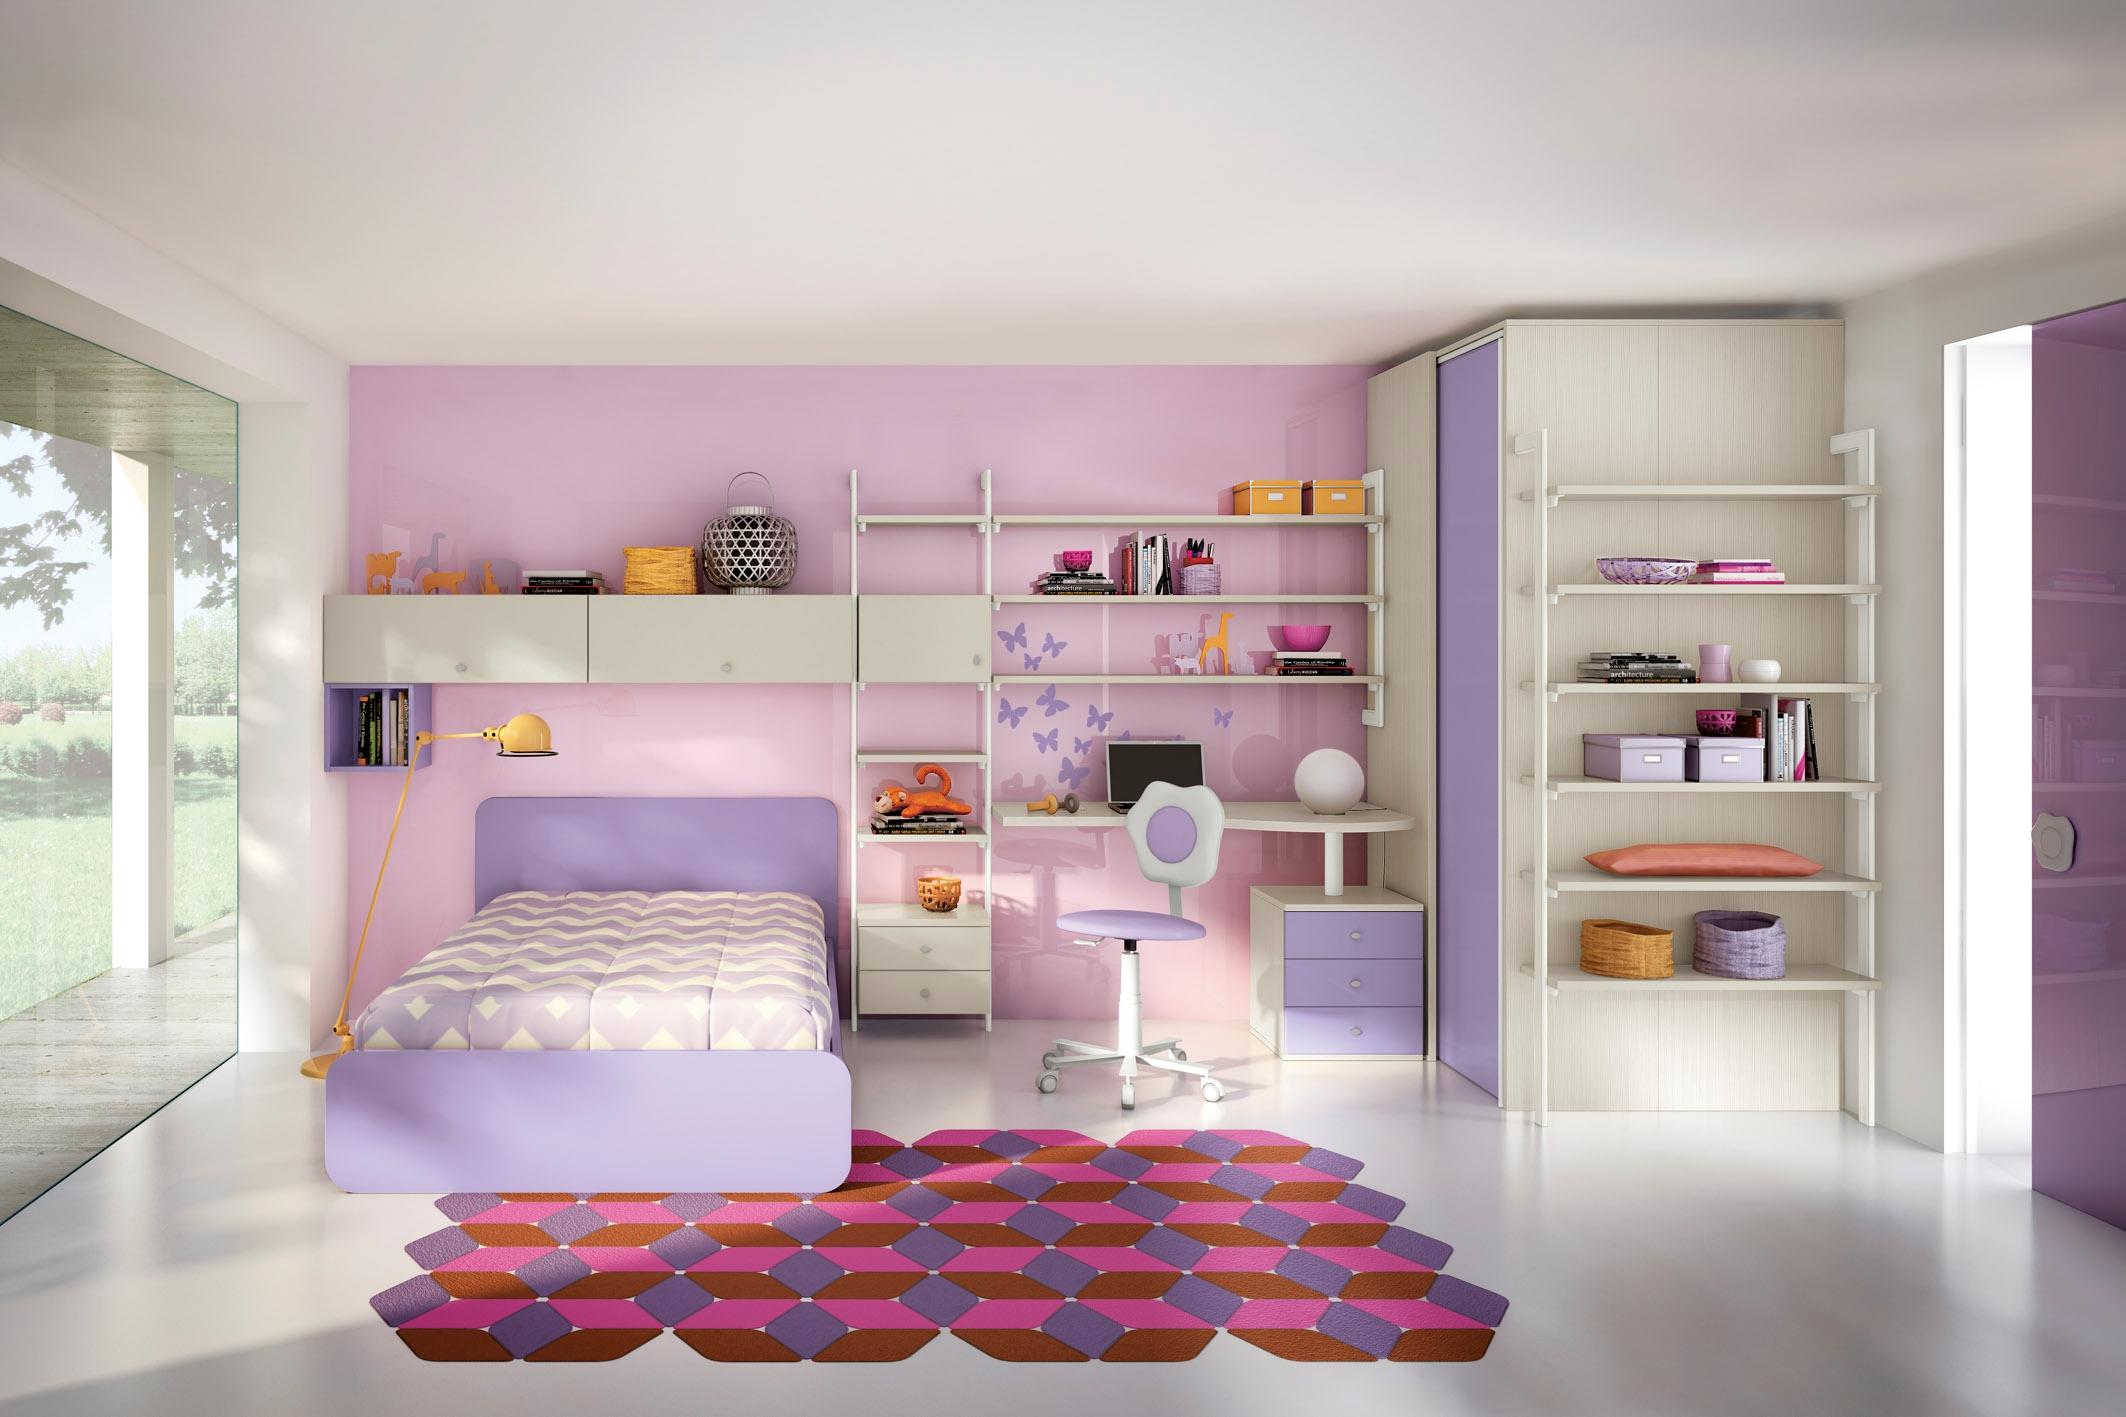 Camerette particolari per bambini una cameretta per for Camerette particolari